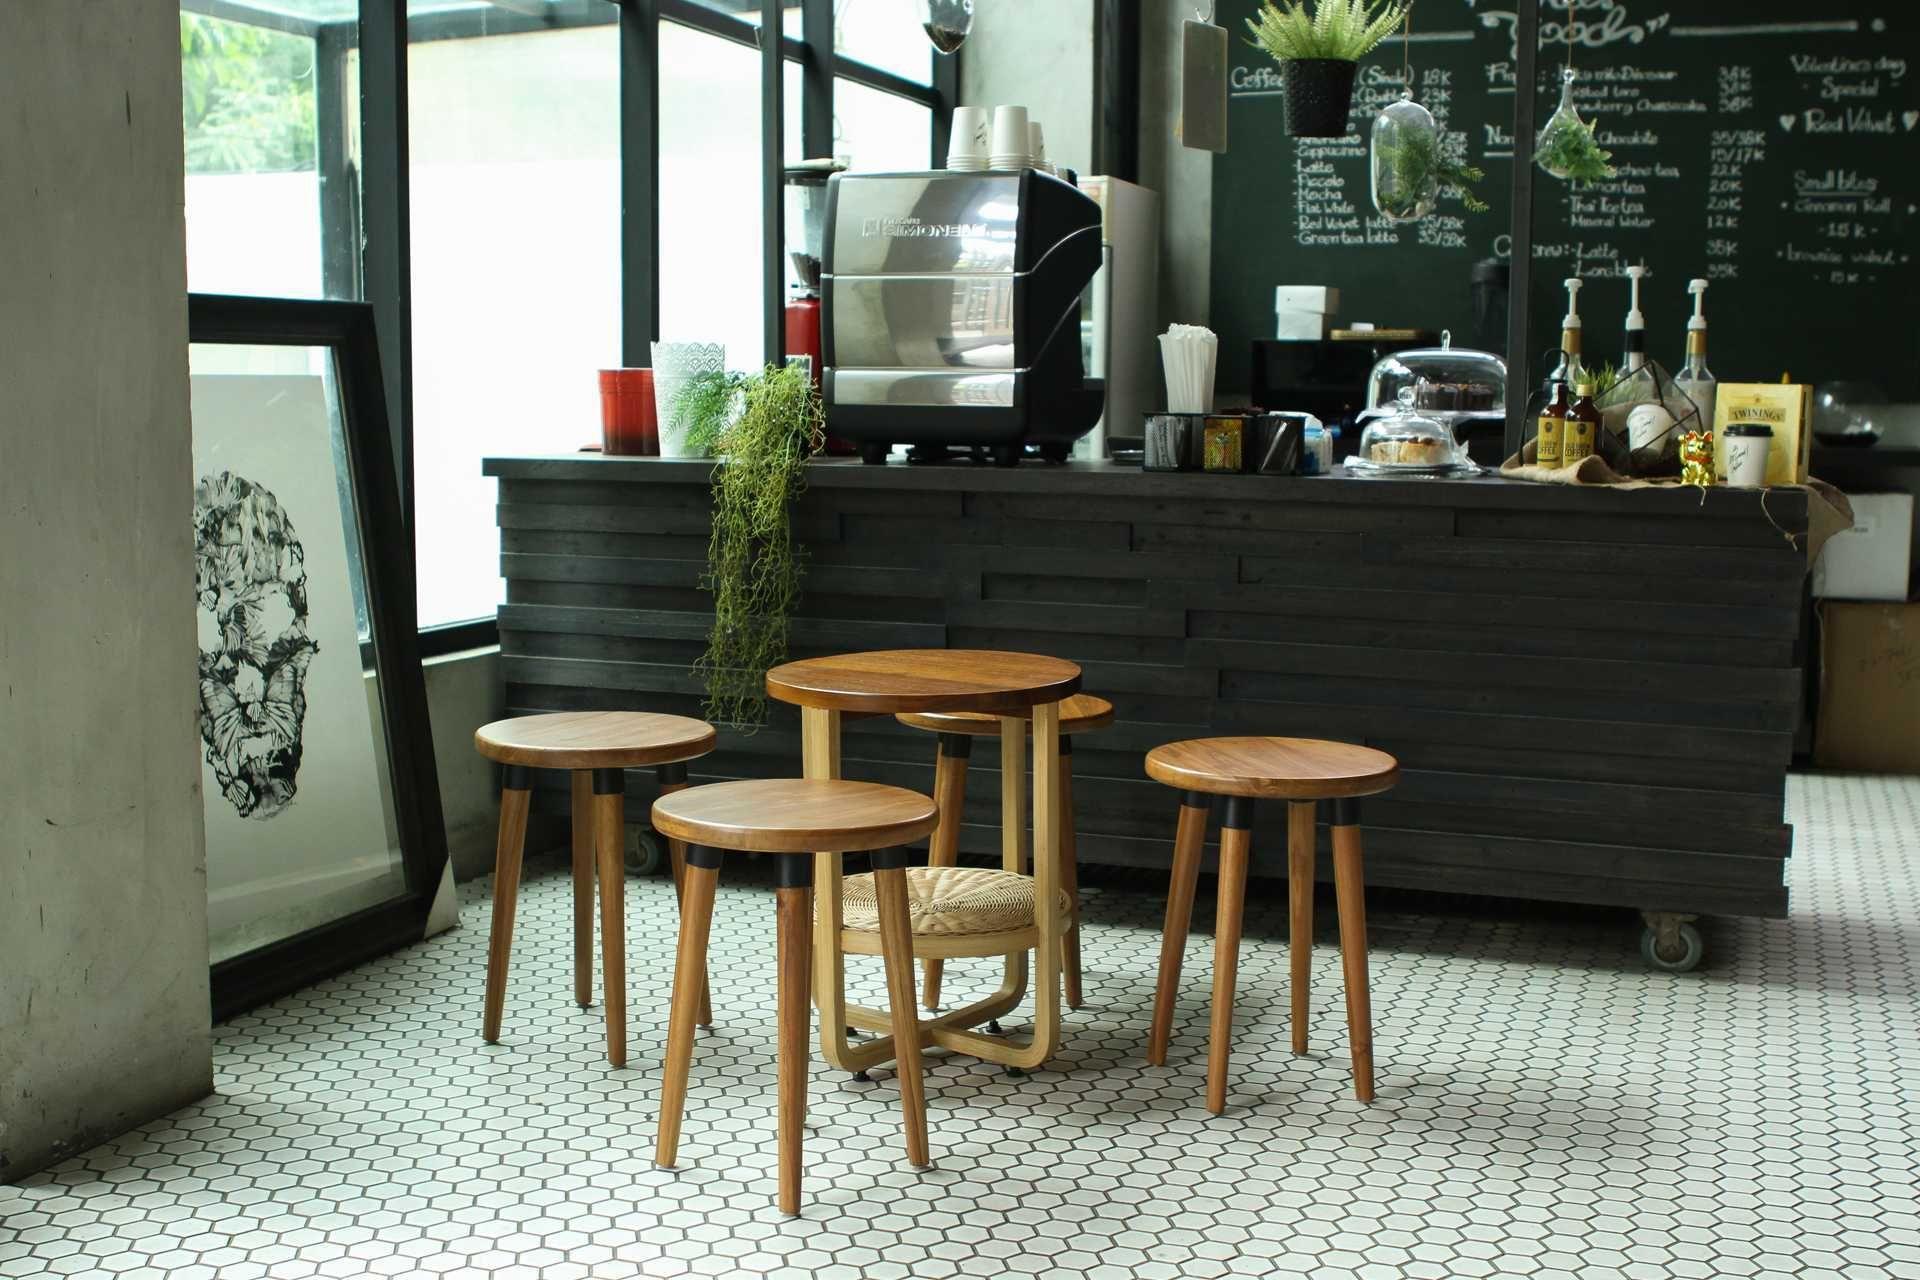 photo-design-by-fabeliocom-all-good-coffee-all-good-coffee-desain-arsitek-oleh-design-by-fabelio-com-2da301a4d70d0e5113a4f8a6c83809c5.jpeg